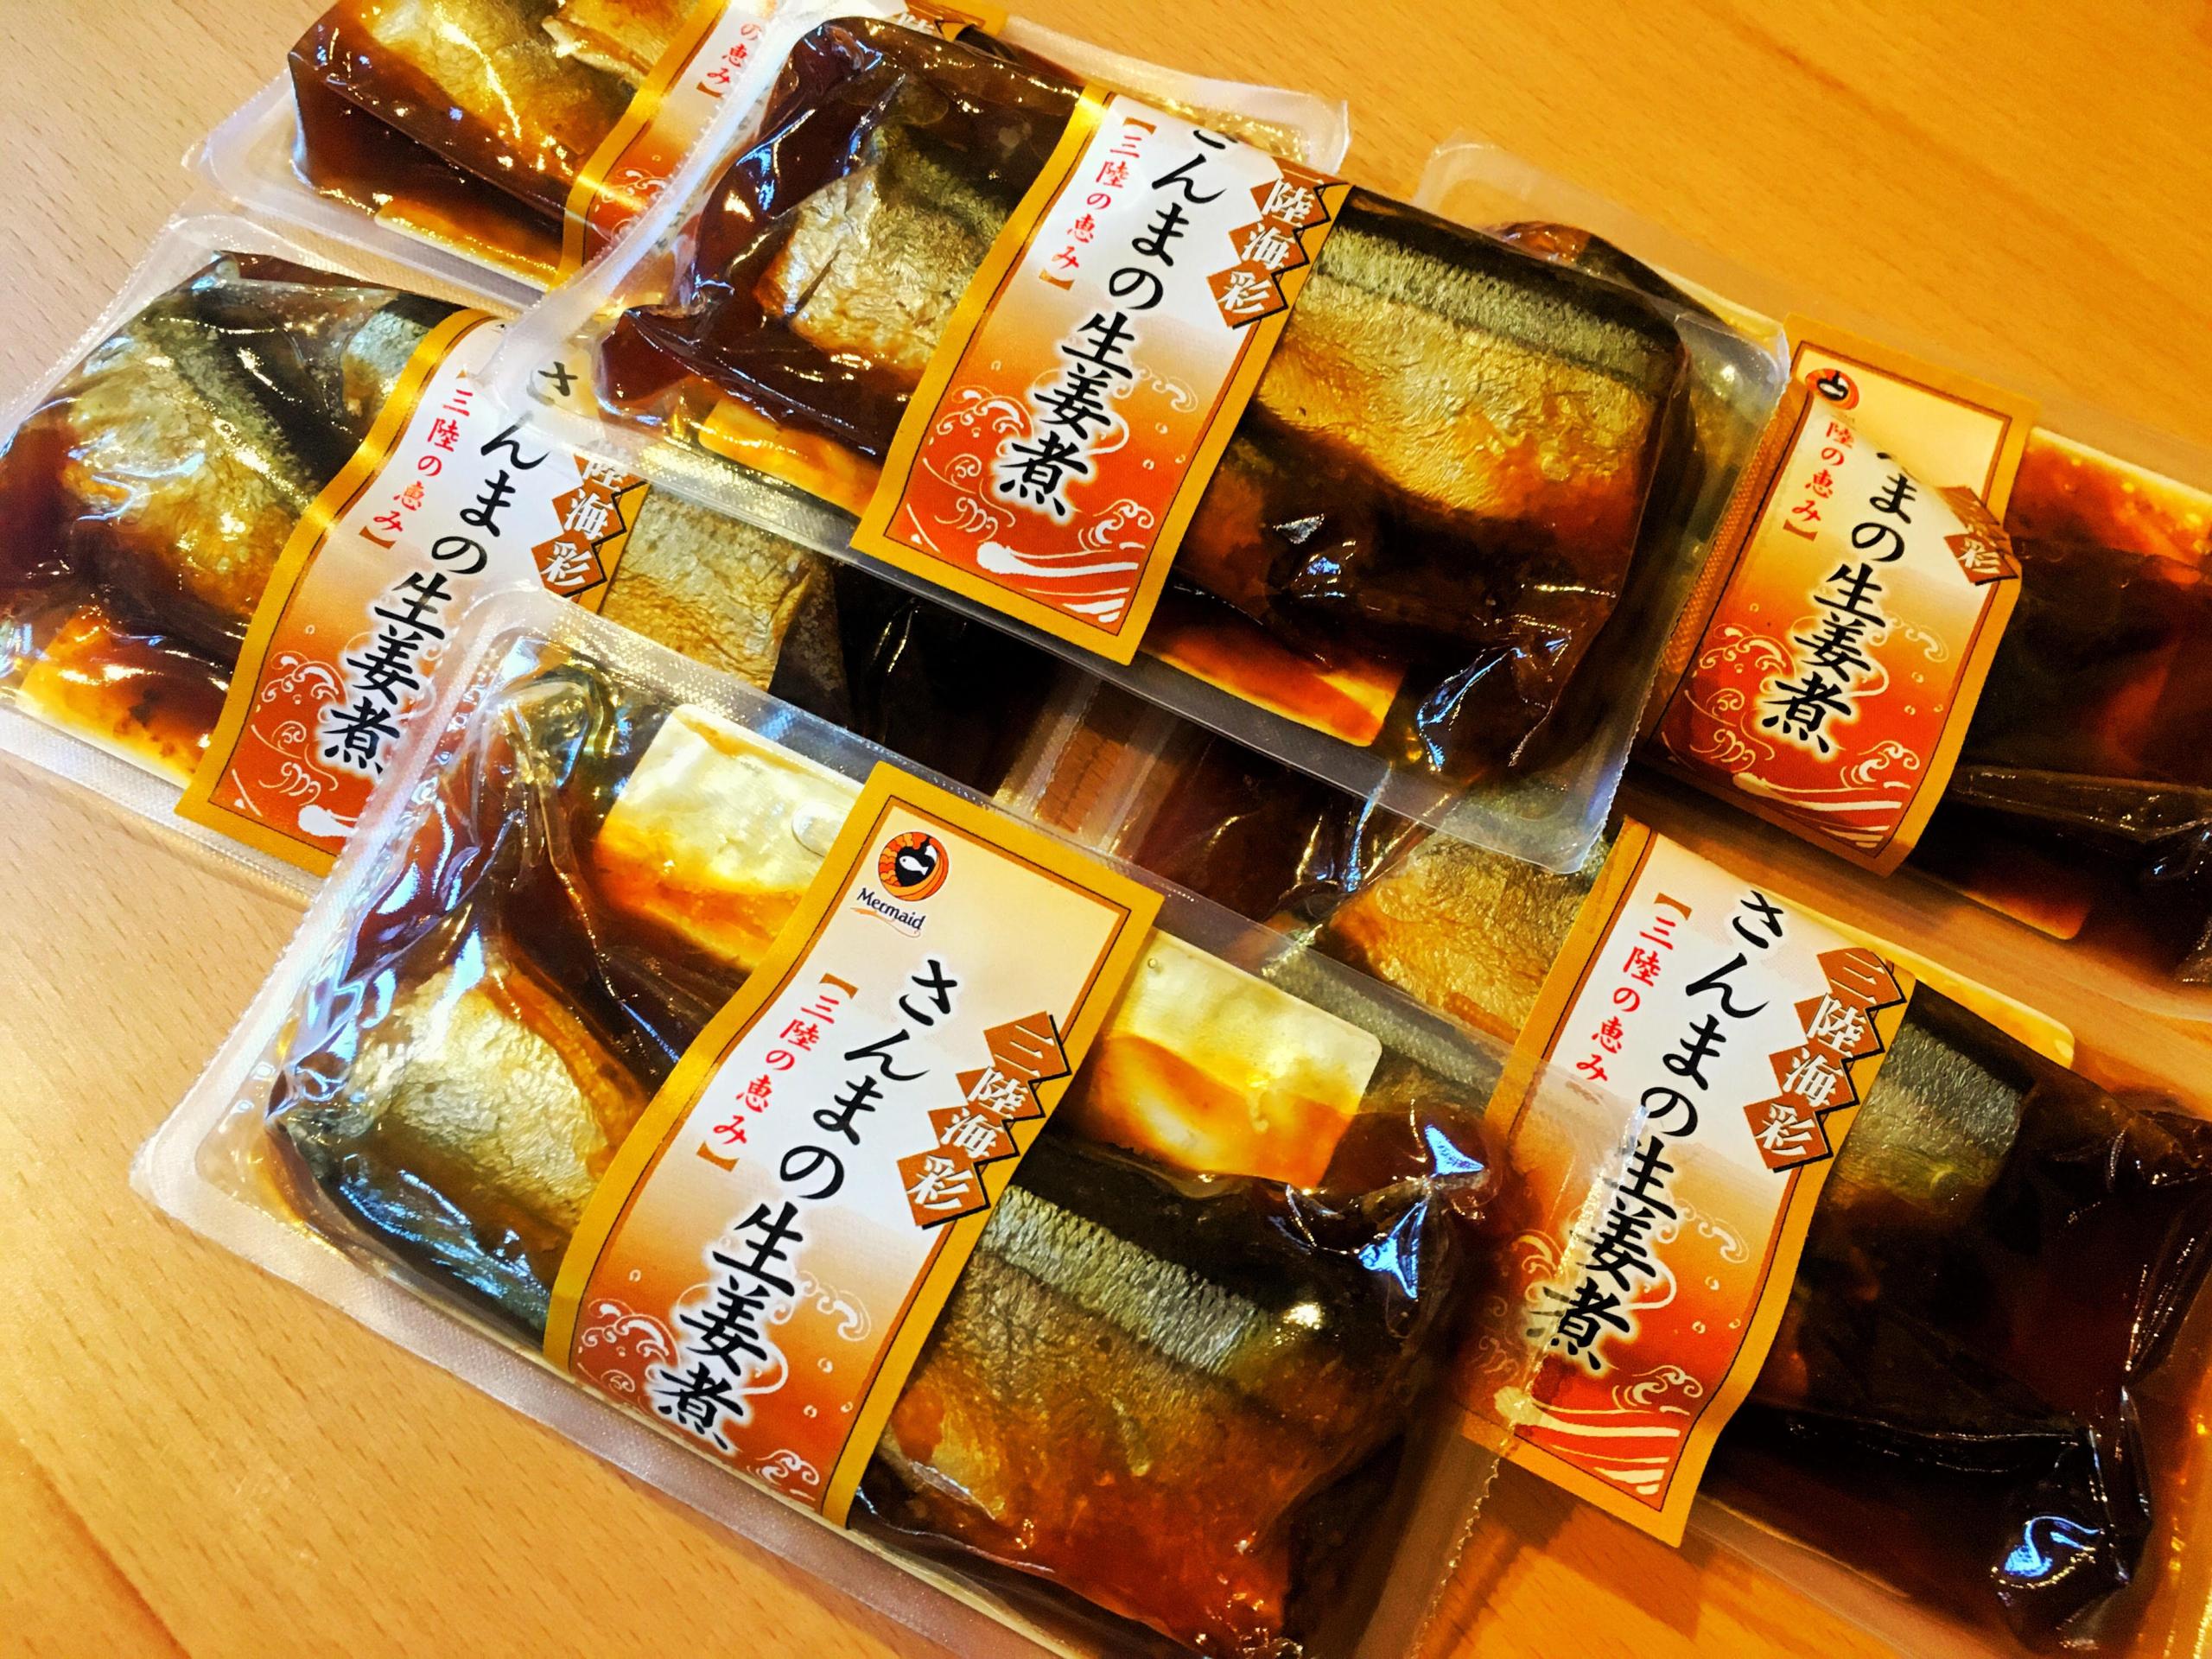 松本市浅間温泉わいわい広場三陸物産コーナーさんまの生姜焼き